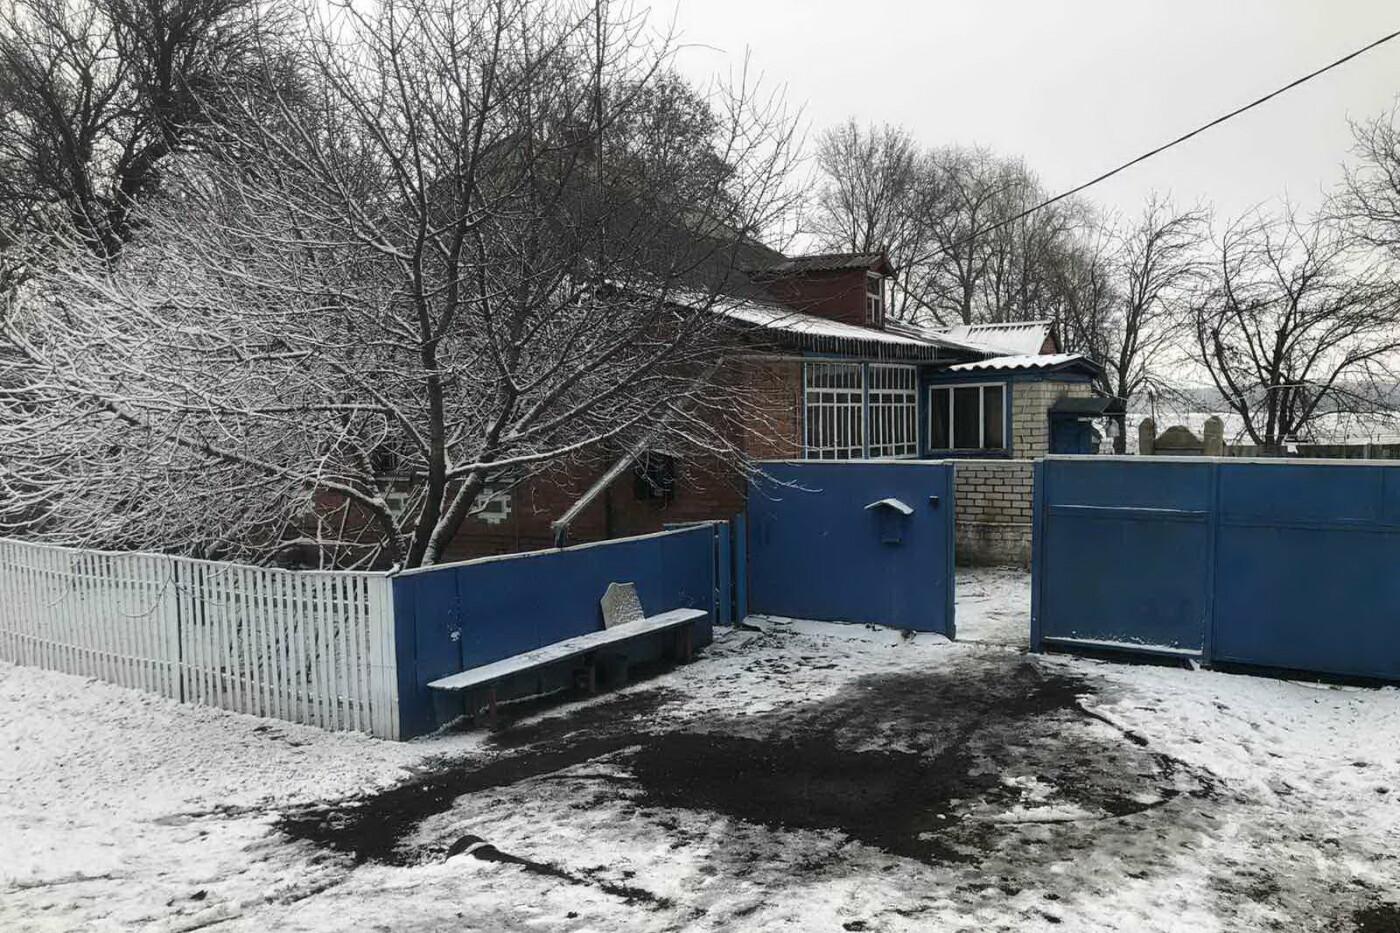 Отравился угарным газом: на Харьковщине во время пожара погиб пенсионер, - ФОТО, фото-3